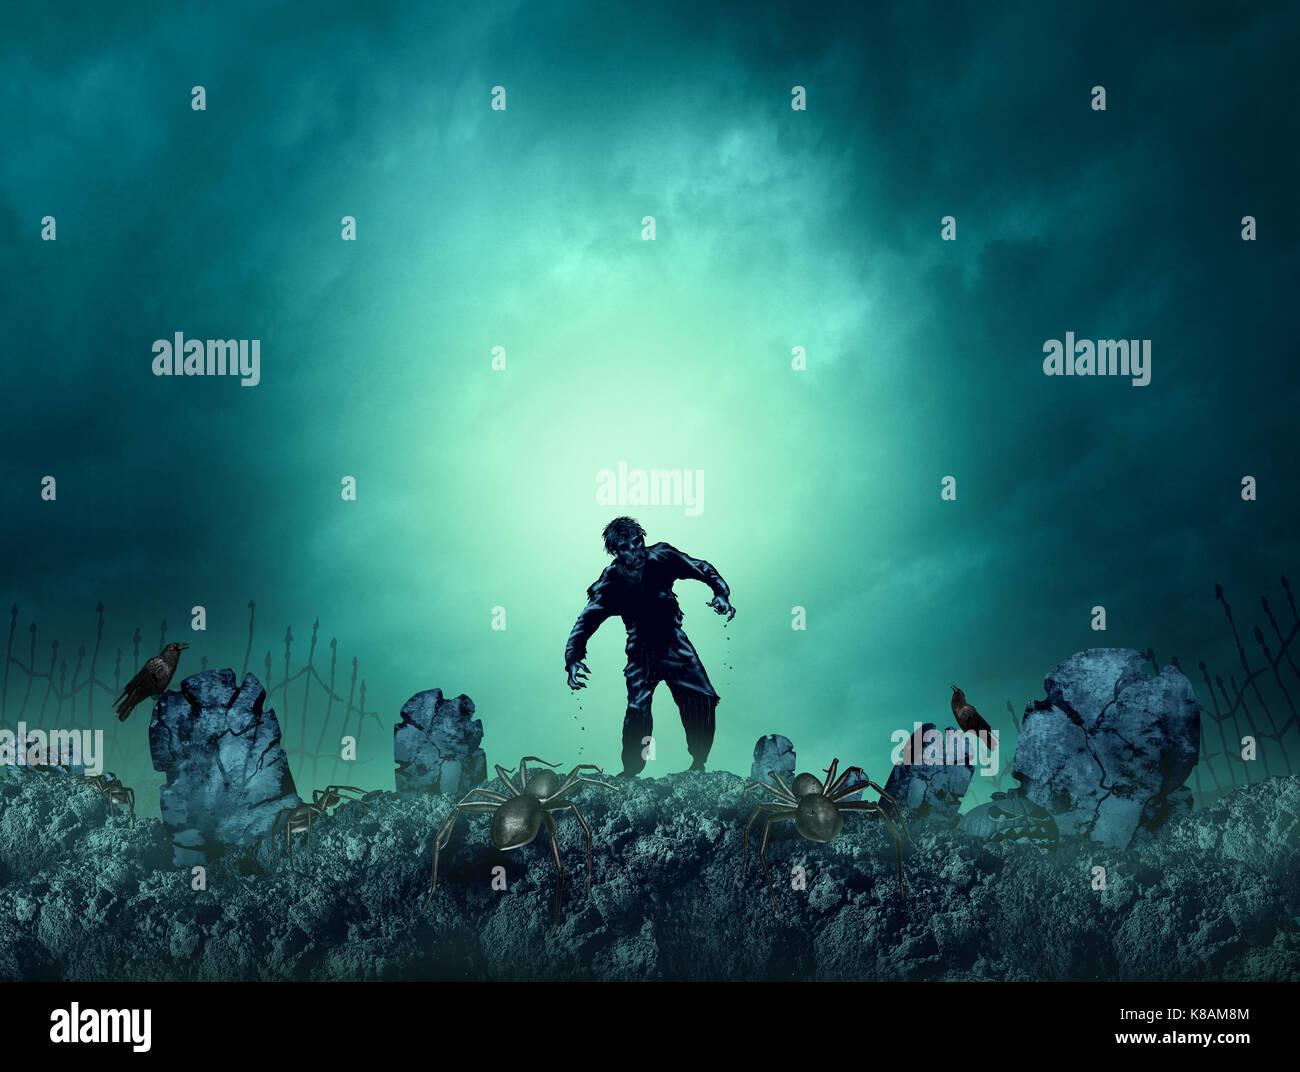 Tomba di zombie halloween background come creepy mostro a piedi in un'area vuota per il testo come un morto Immagini Stock